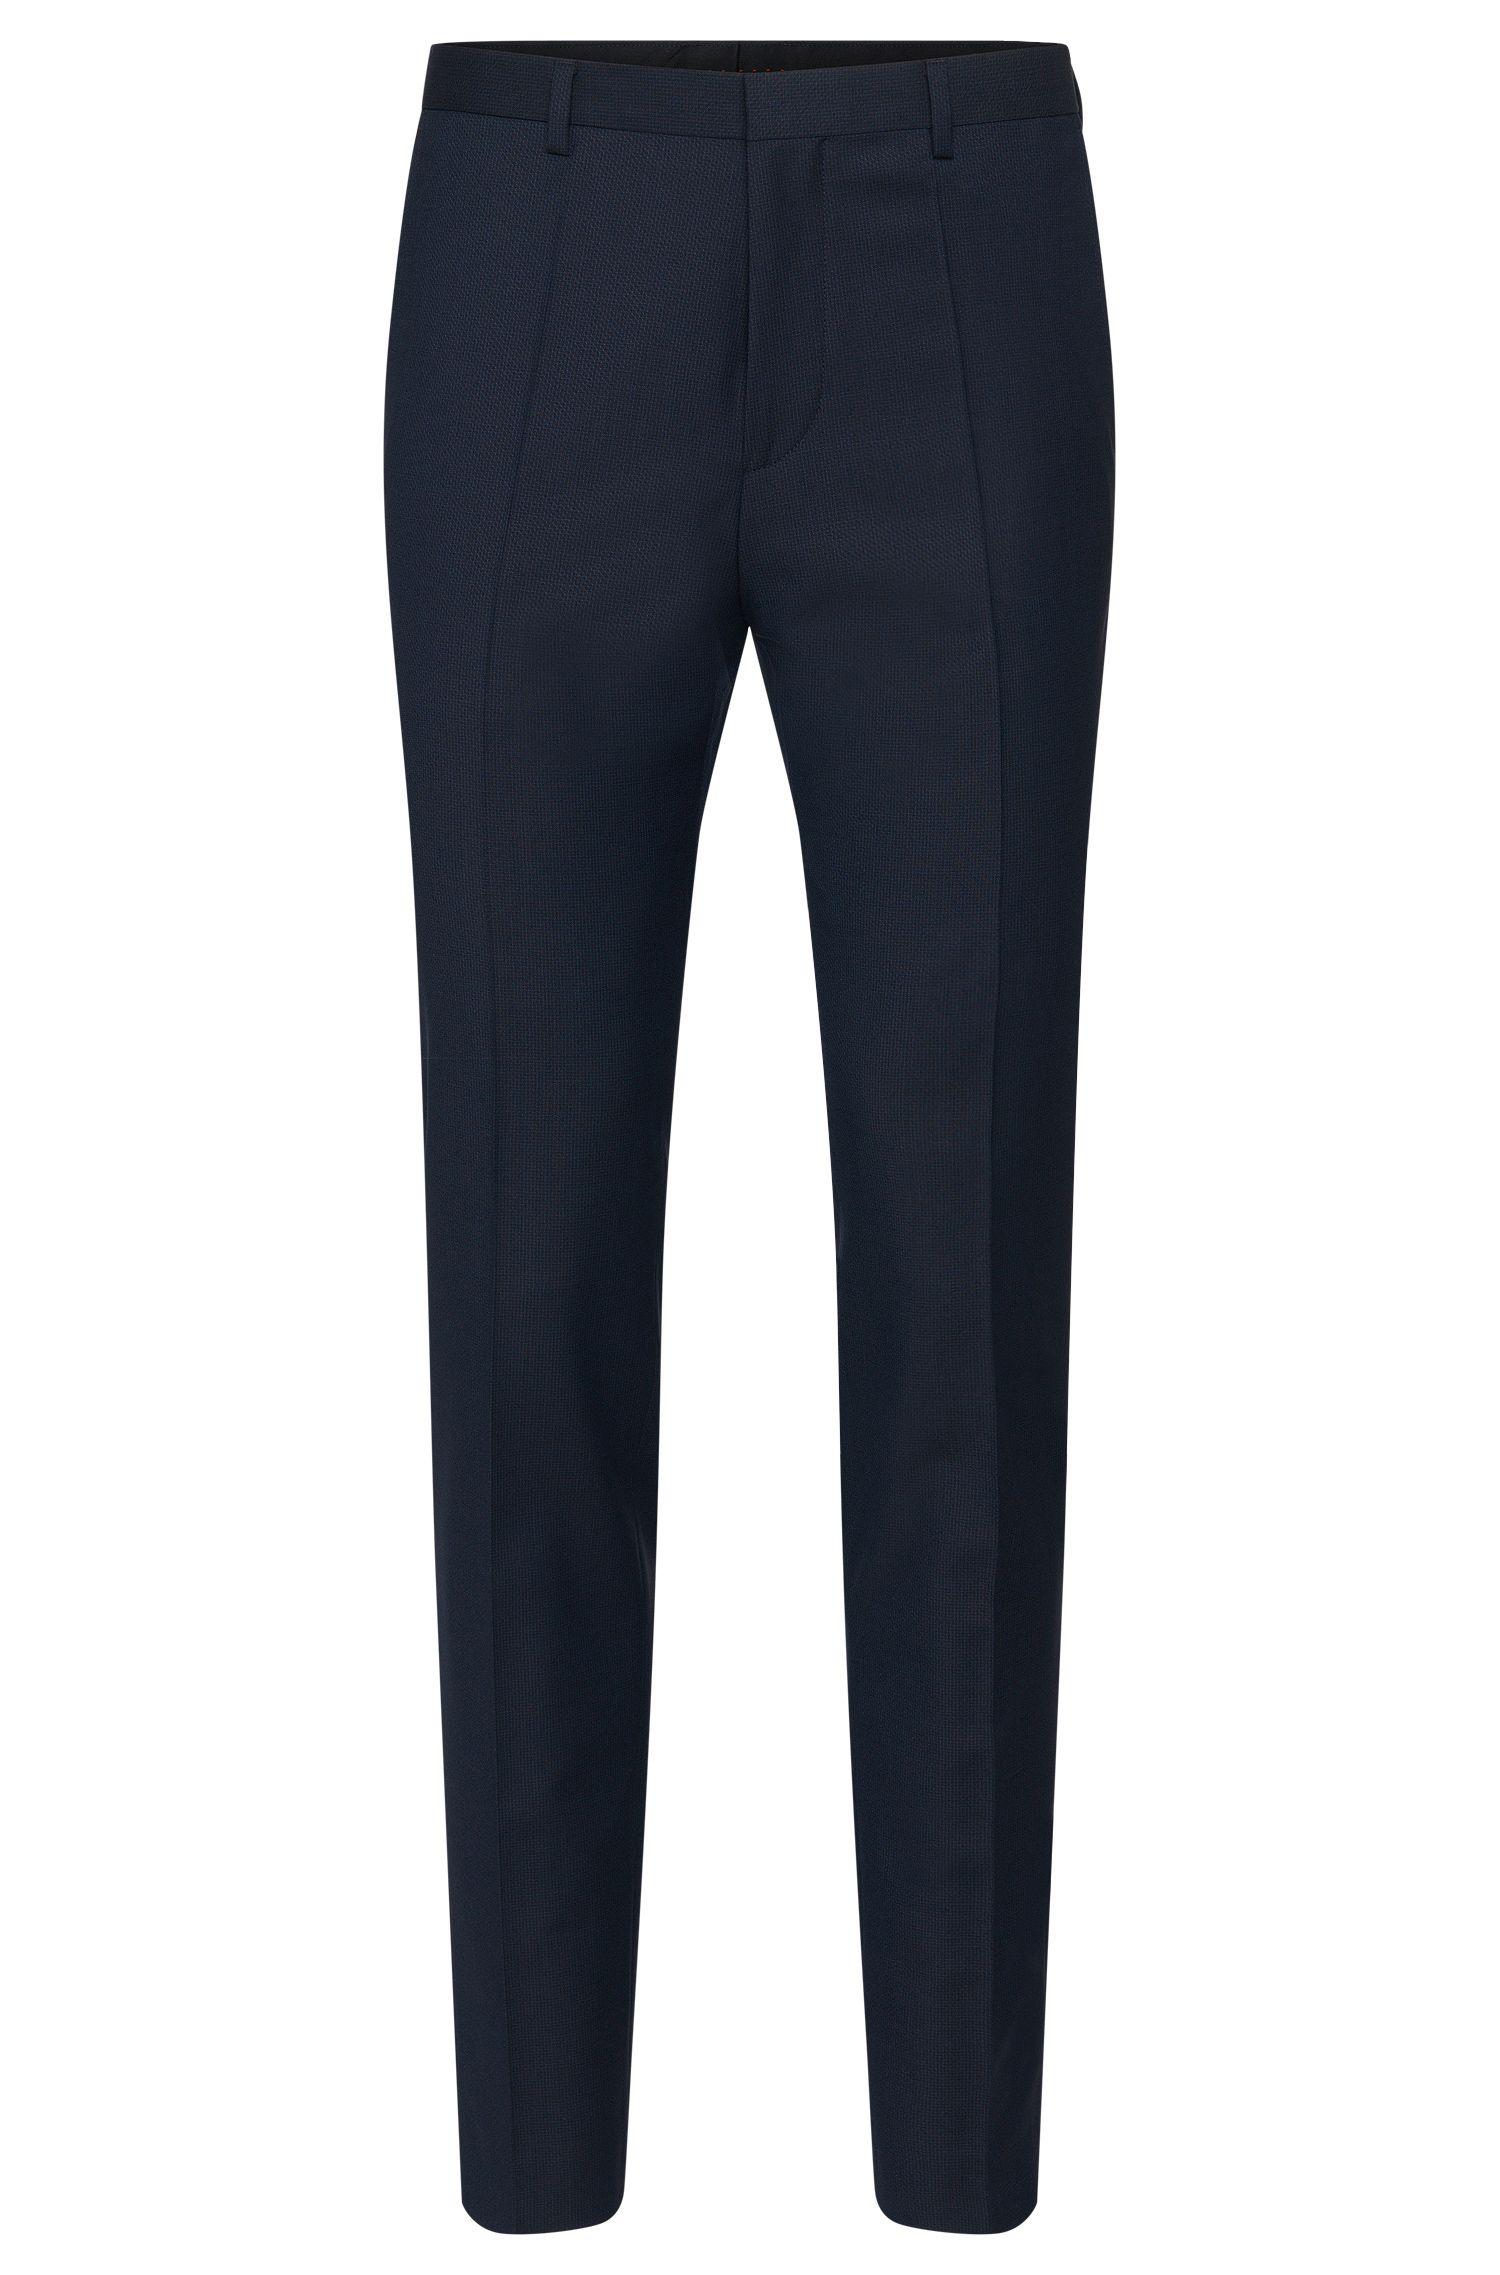 Strukturierte Slim-Fit Hose aus Schurwolle: 'Hets'